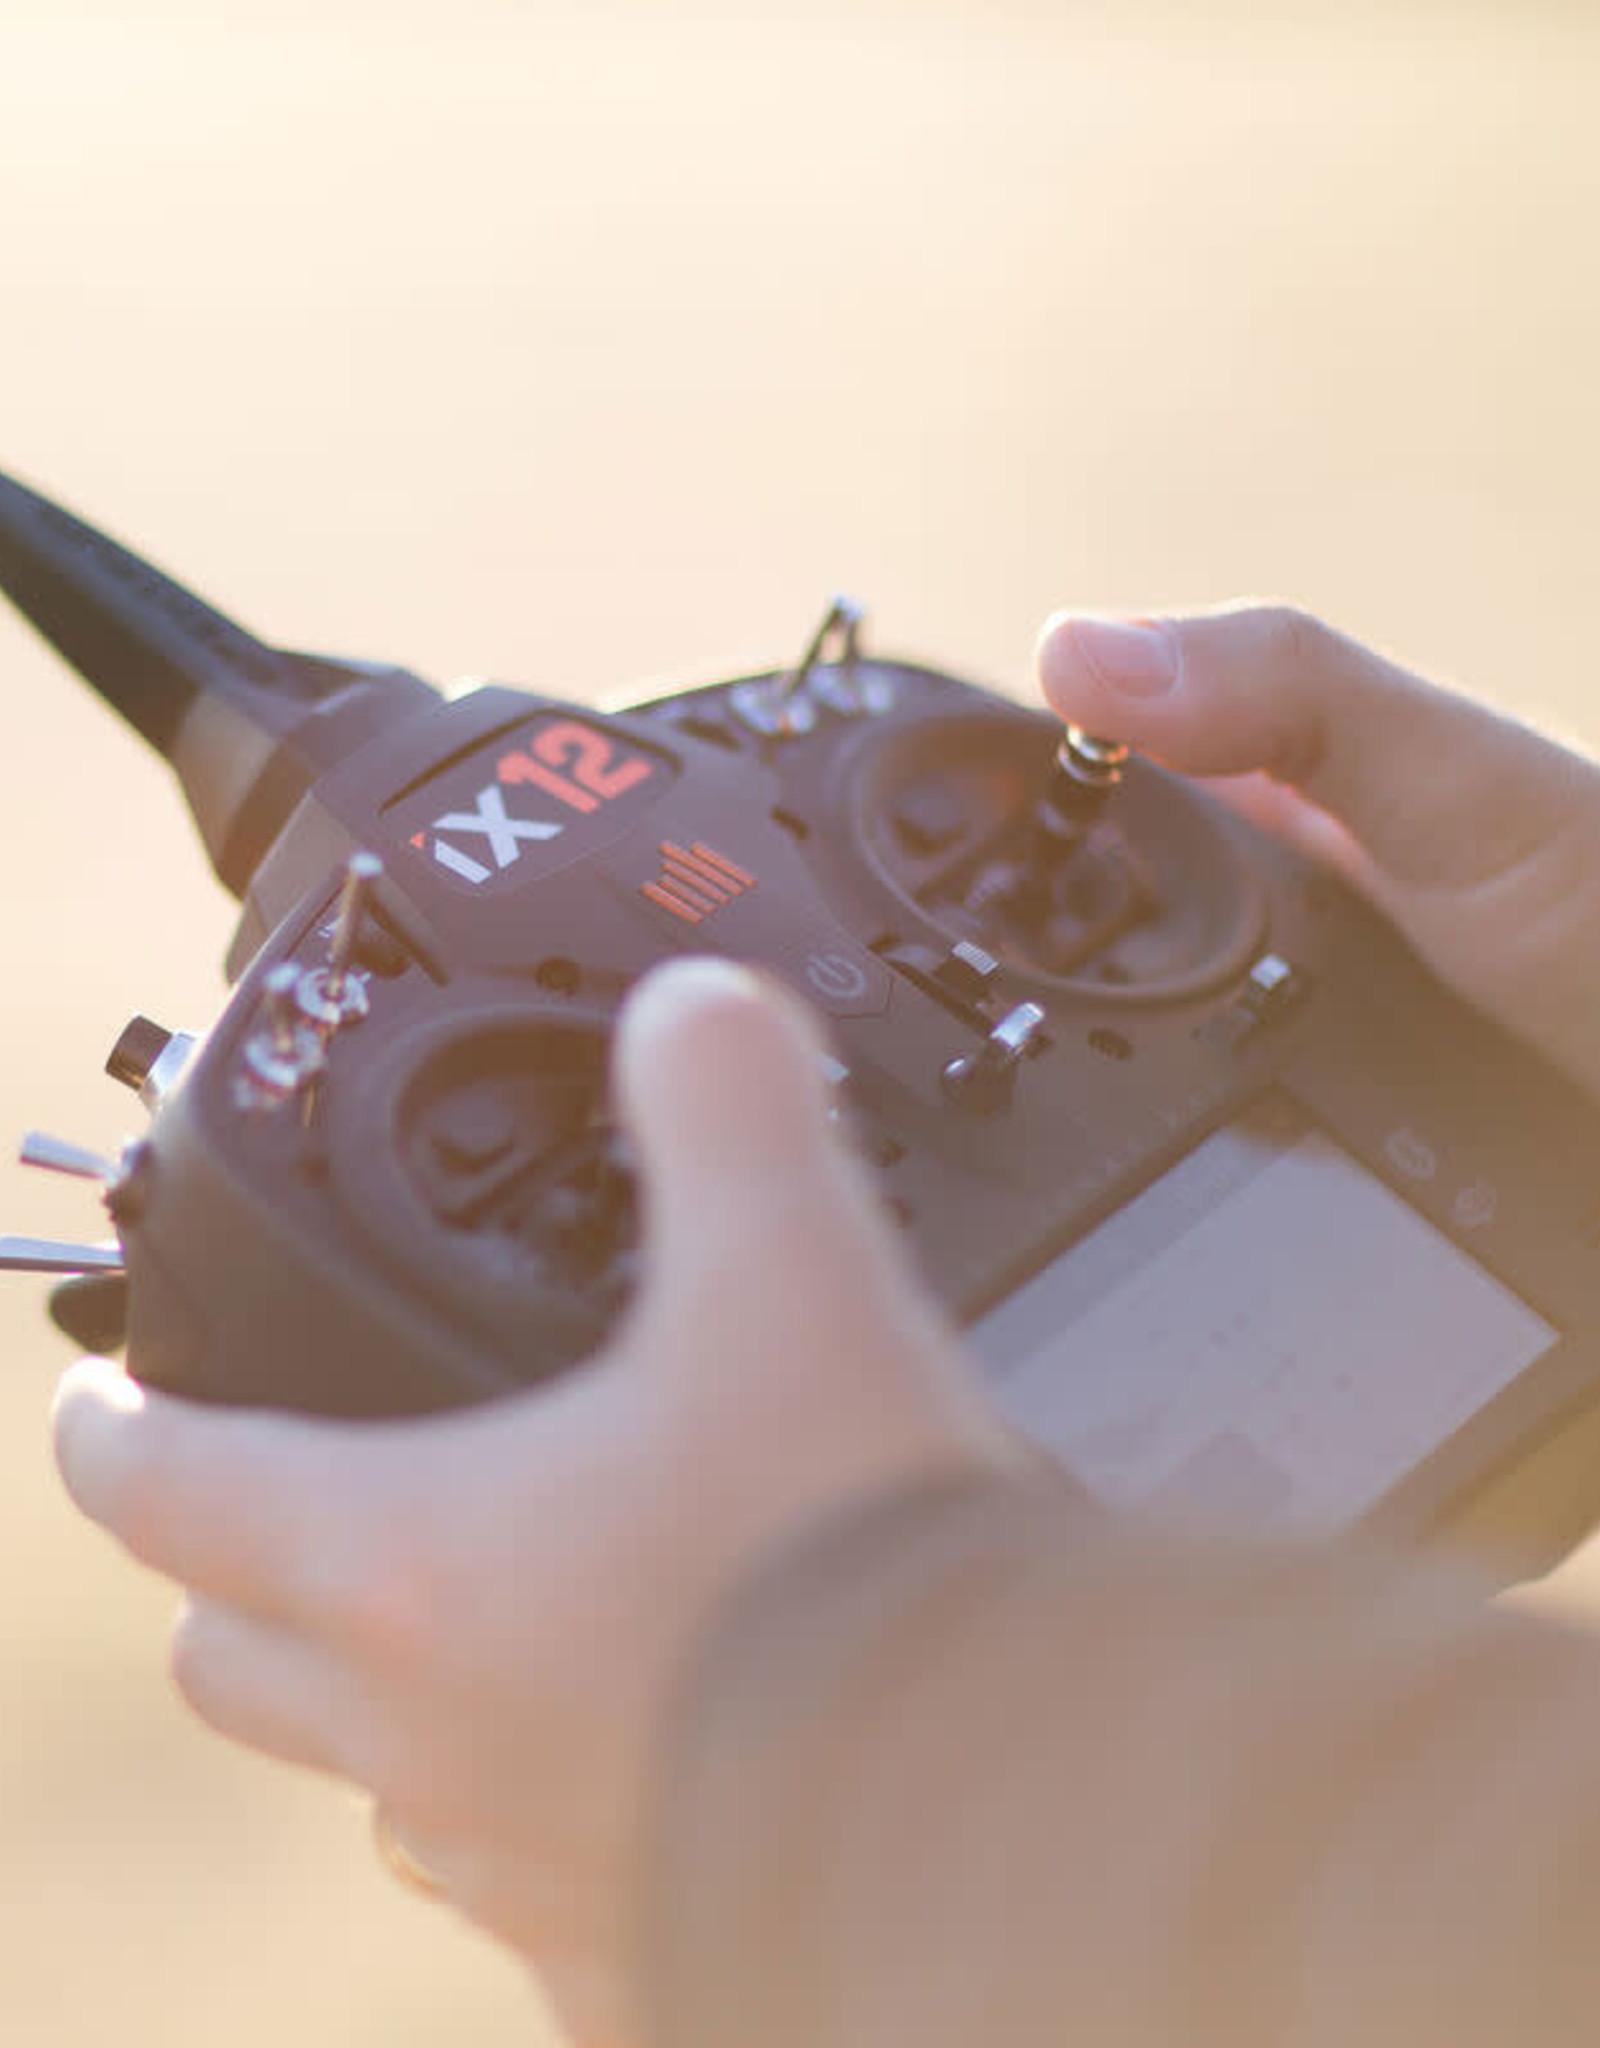 spektrum SPMR12000 iX12 12-Channel DSMX Transmitter Only